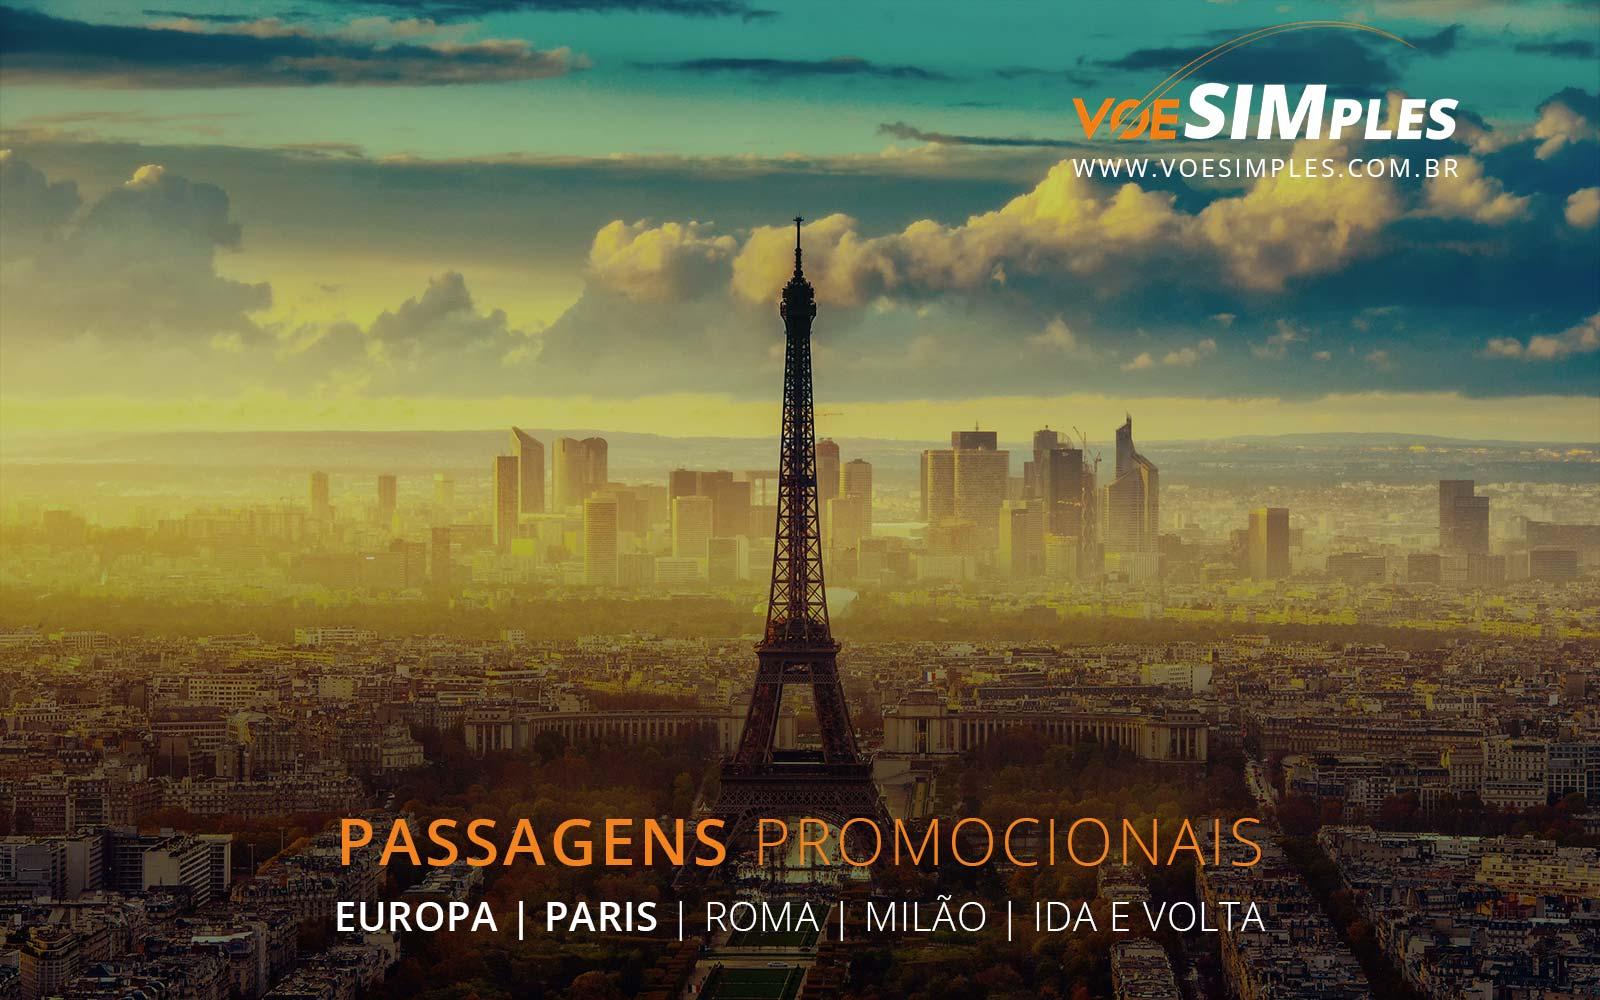 Passagens aéreas promocionais para Paris, Roma e Milão na Europa